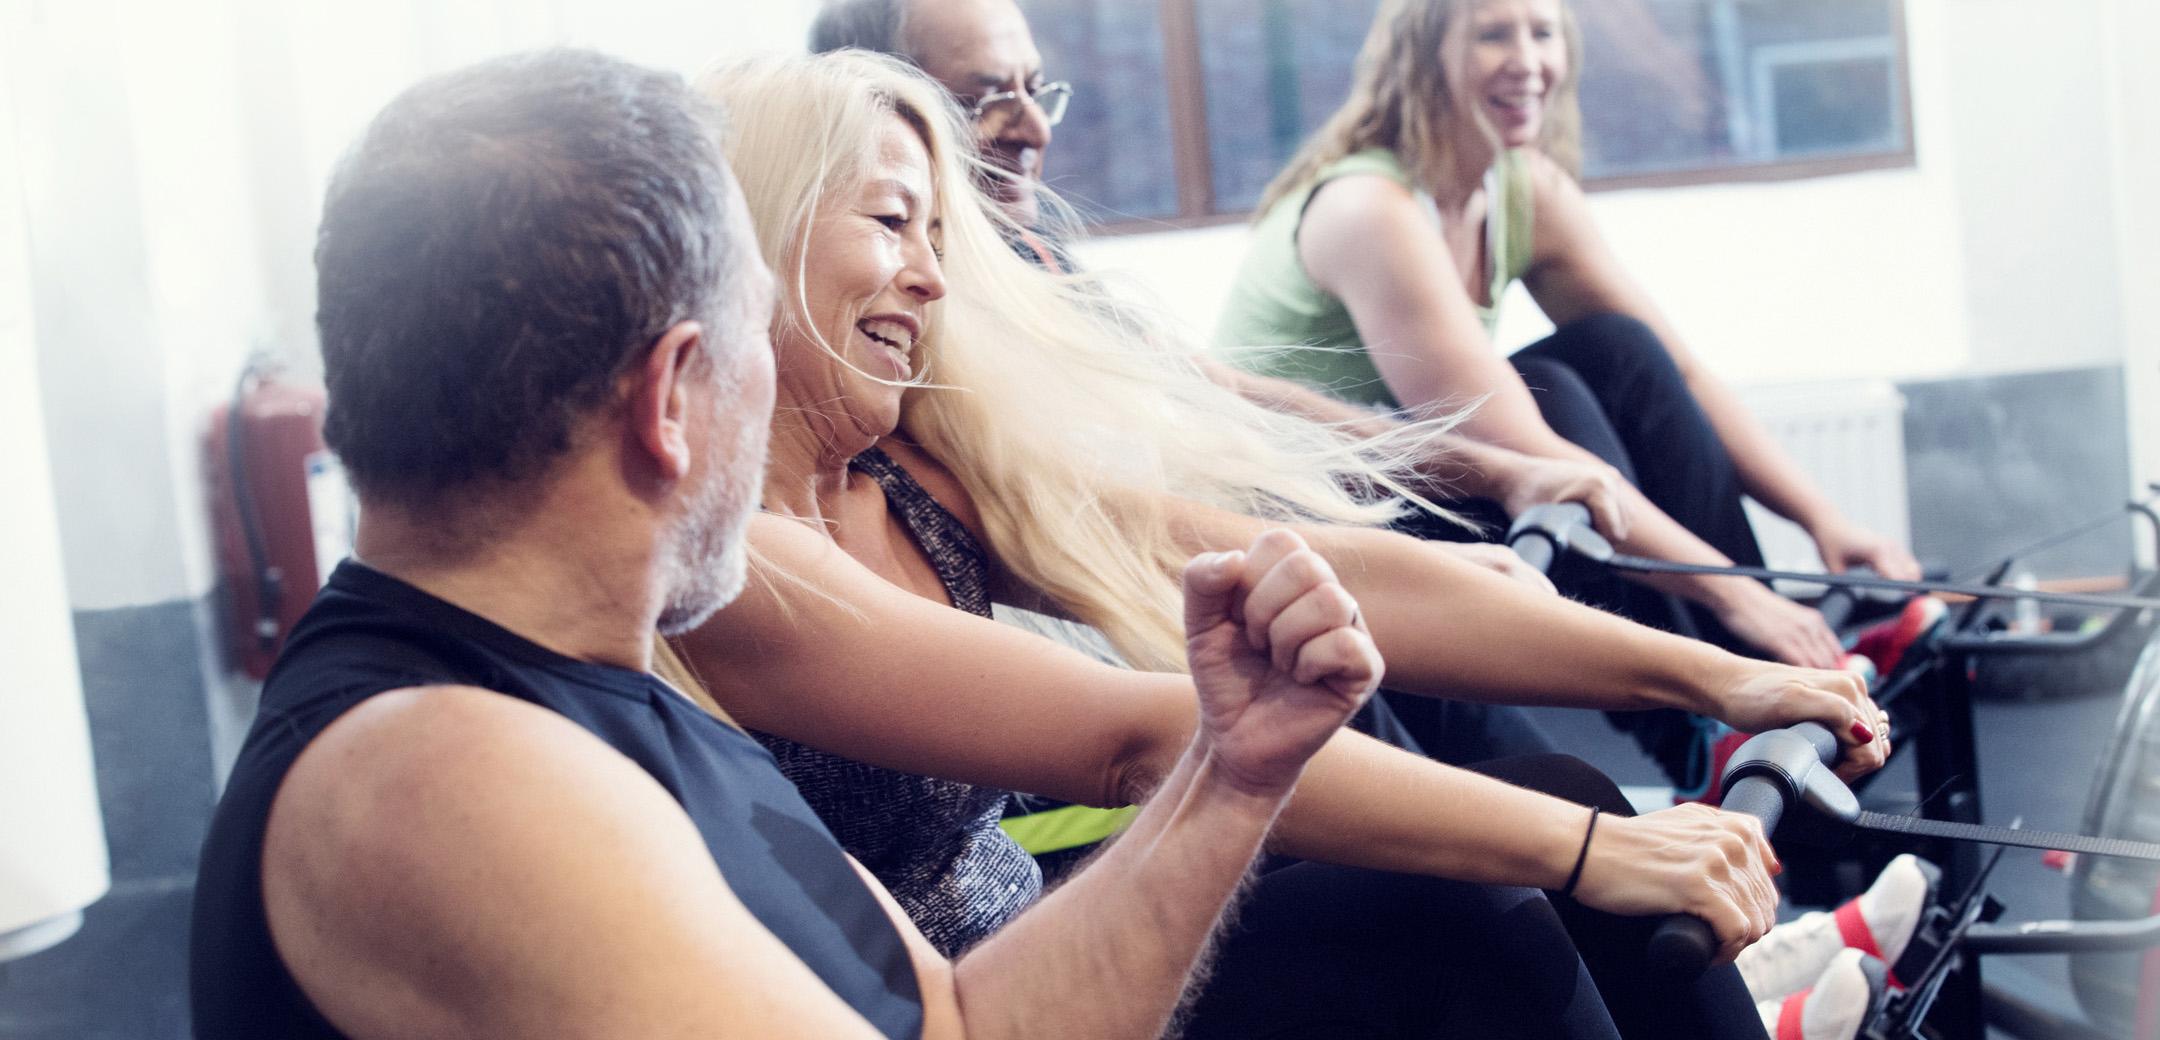 free dating sites in sweden massage huddinge